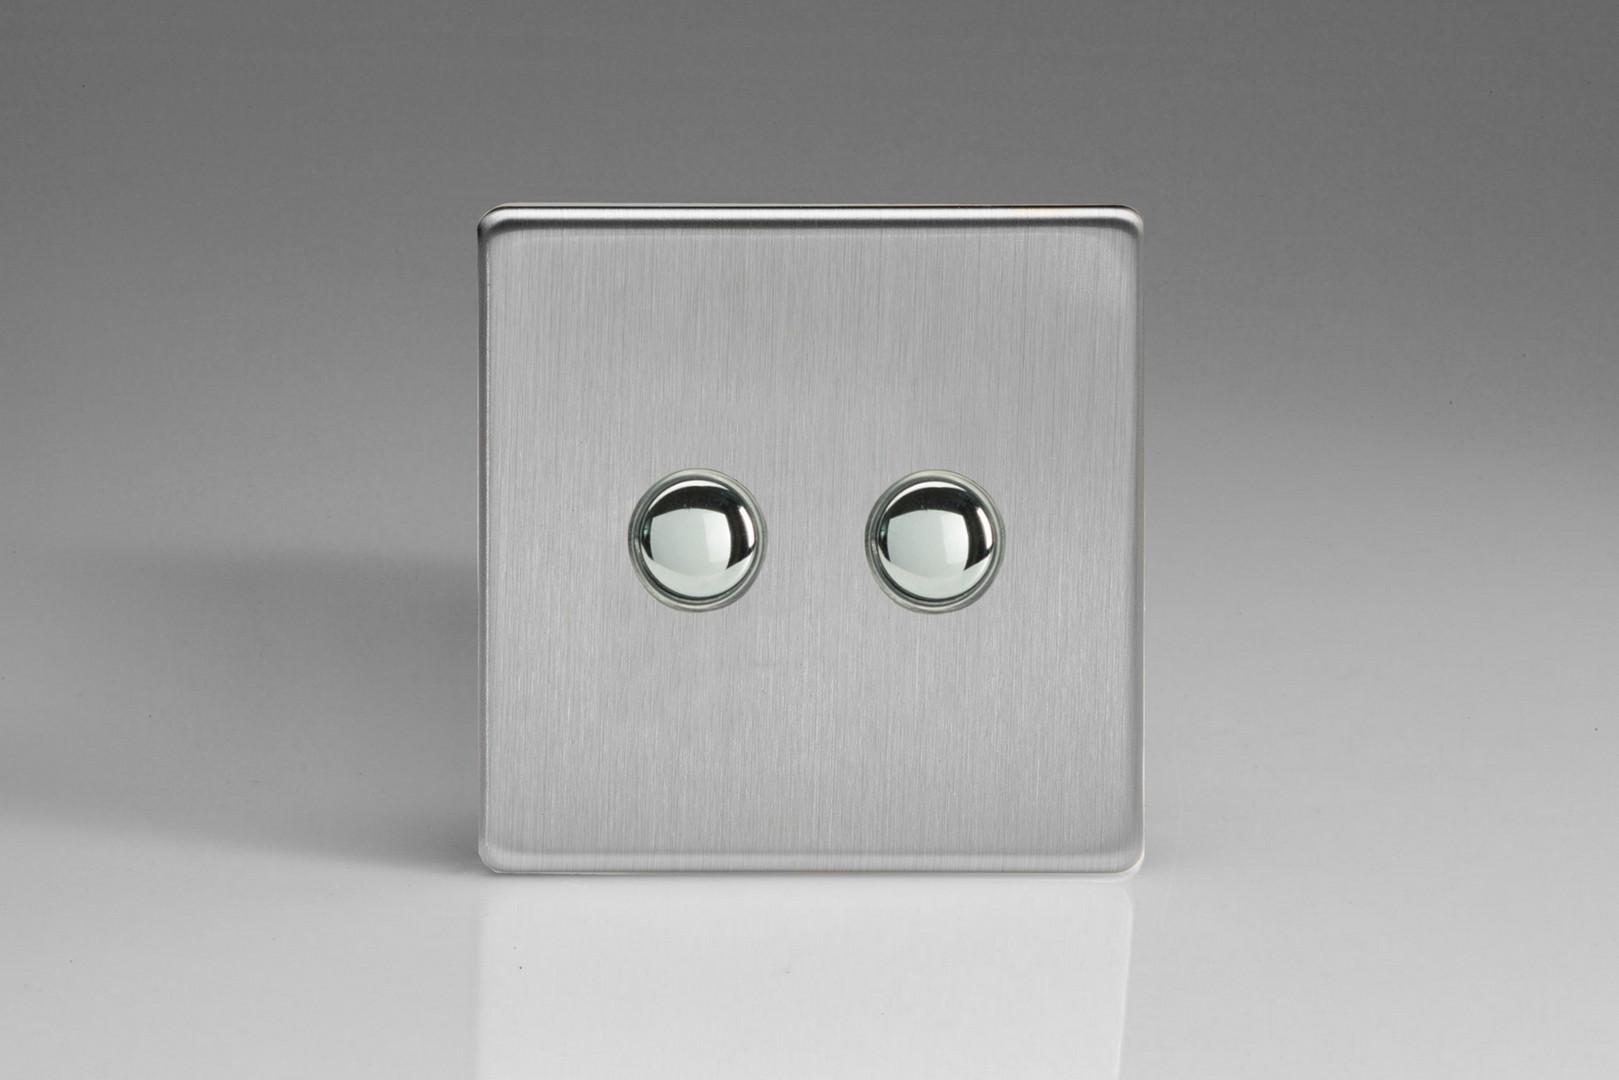 Interrupteurs et Prises Design Haut de Gamme - ALSO & CO